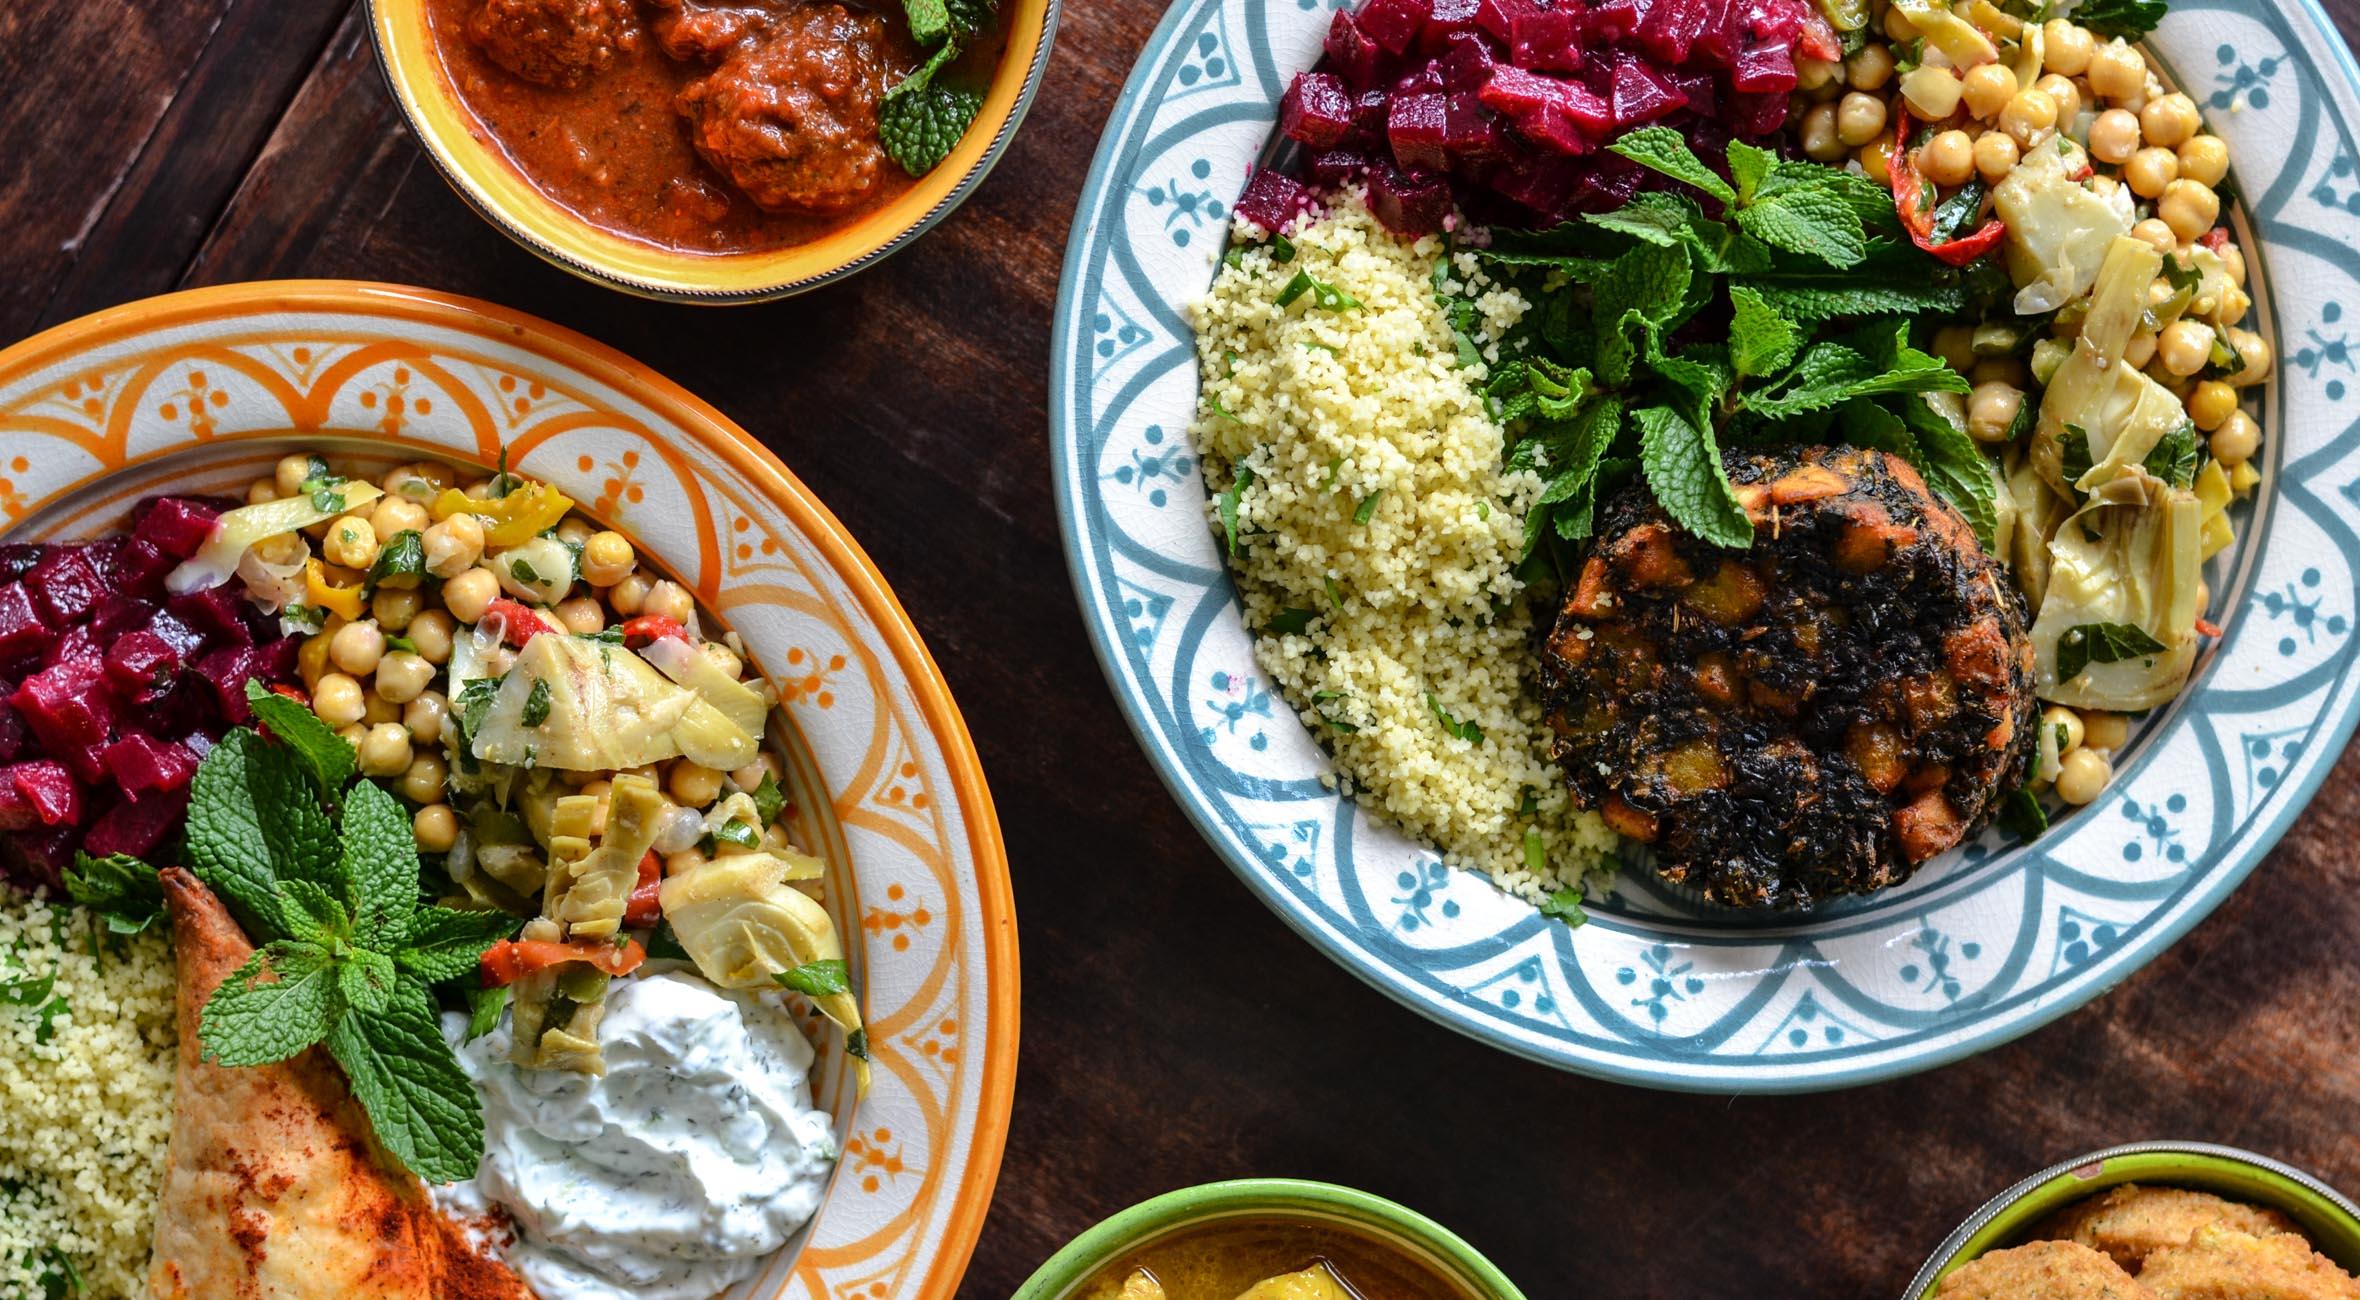 Marokkansk middag for 2 hos The á la Menthe – Populært spiseri rykker til Nørrebro og byder på alt fra salater til tzatziki, falafler og marokkanske kødboller